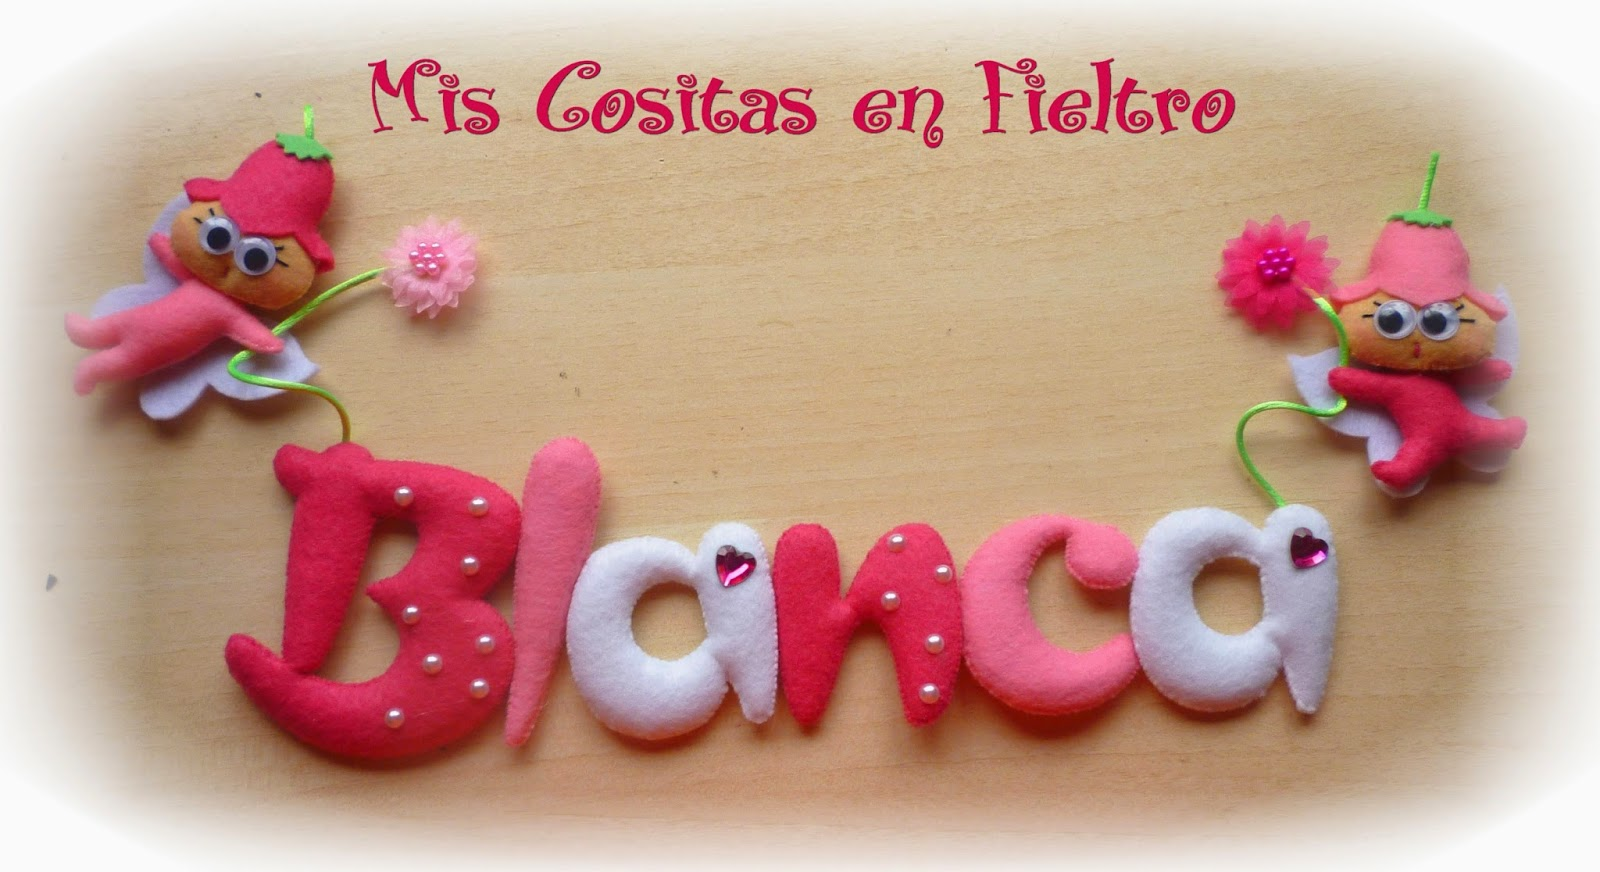 nombre, nombre de fietro, felt name, Blanca, hada, hadas, nacimiento, regalo, bebé, niña, fair